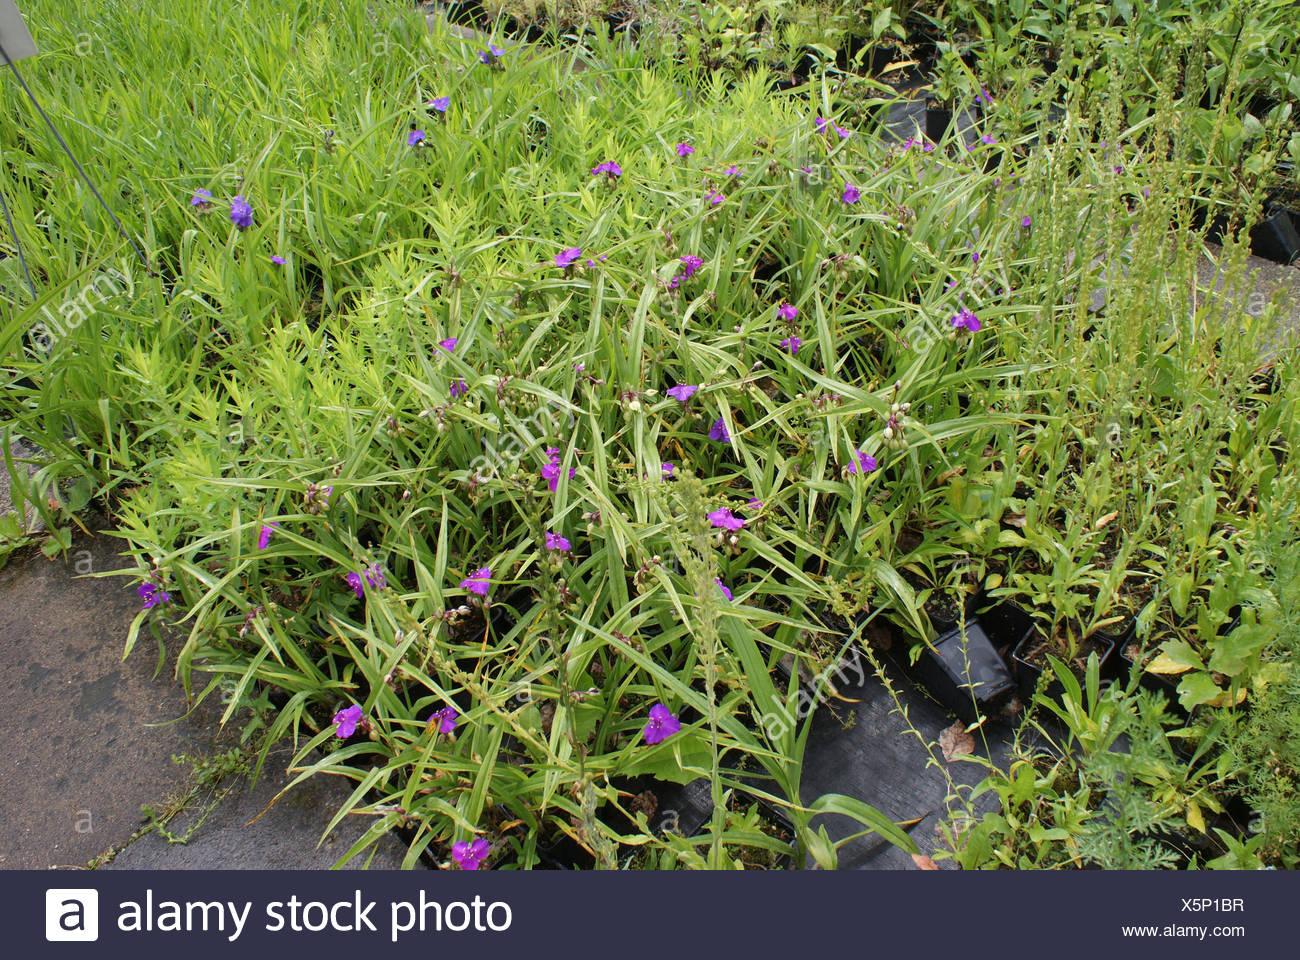 Spiderwort - Stock Image